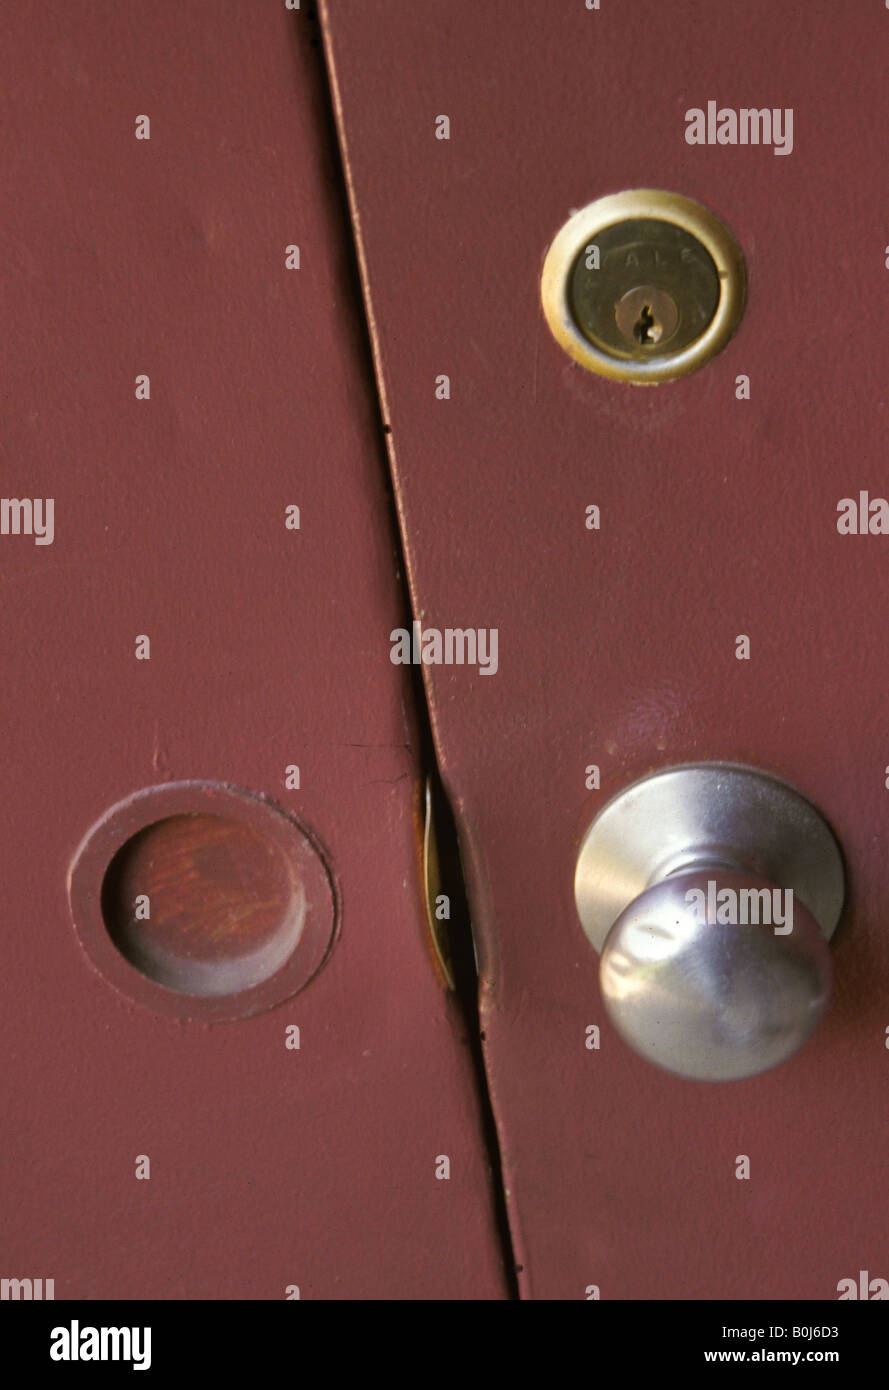 Close up metal bouton de porte serrure de bâtiment commercial Banque D'Images